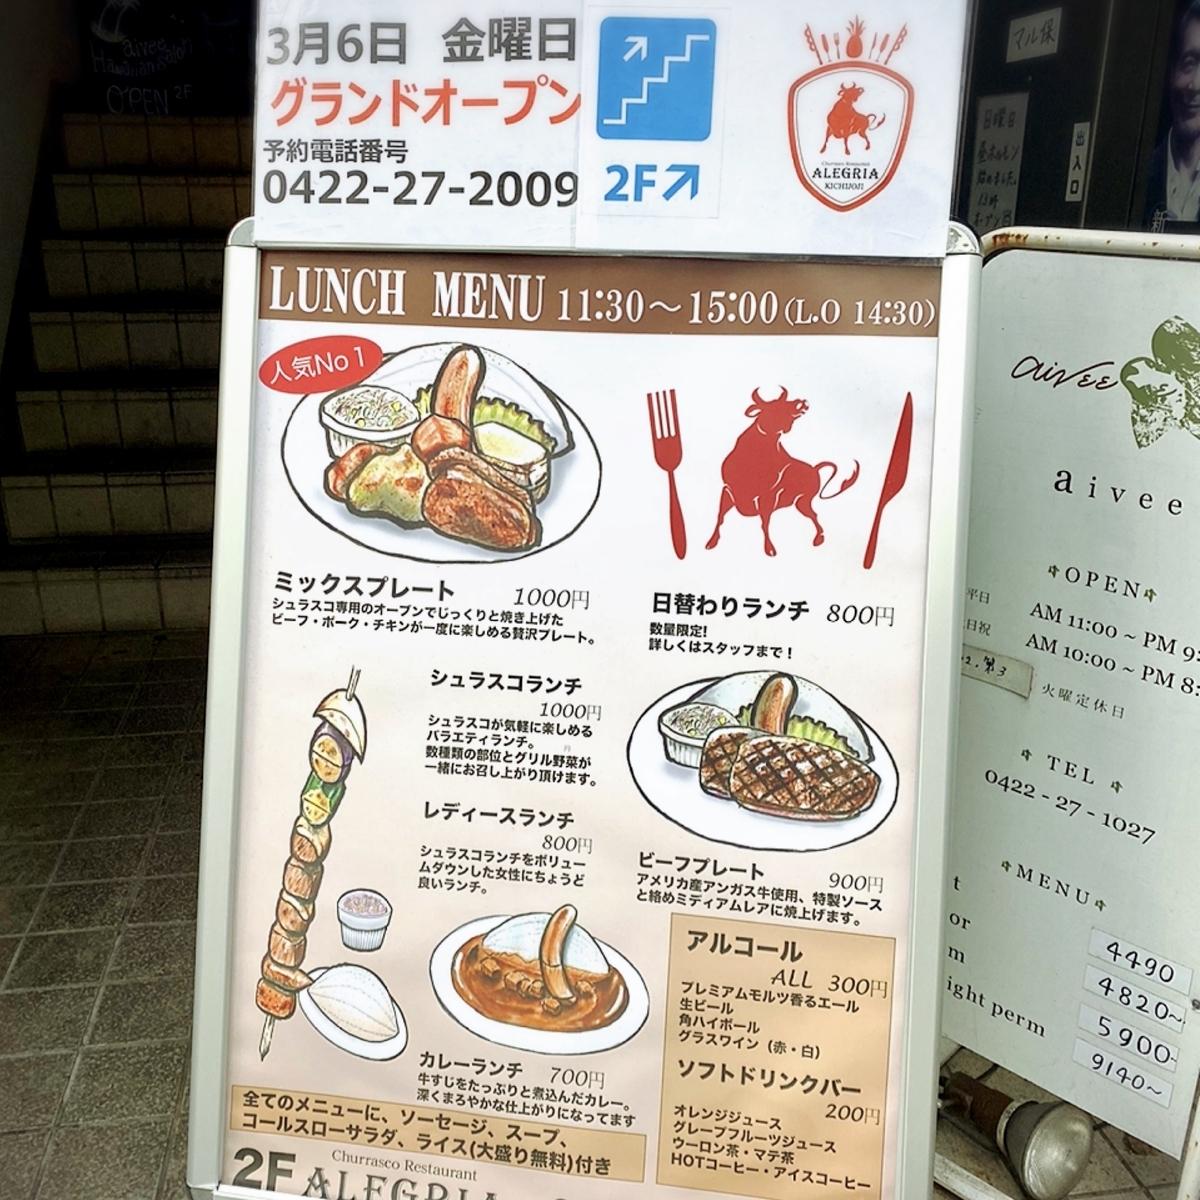 「シェラスコレストランALEGRIA 吉祥寺」への行き方2